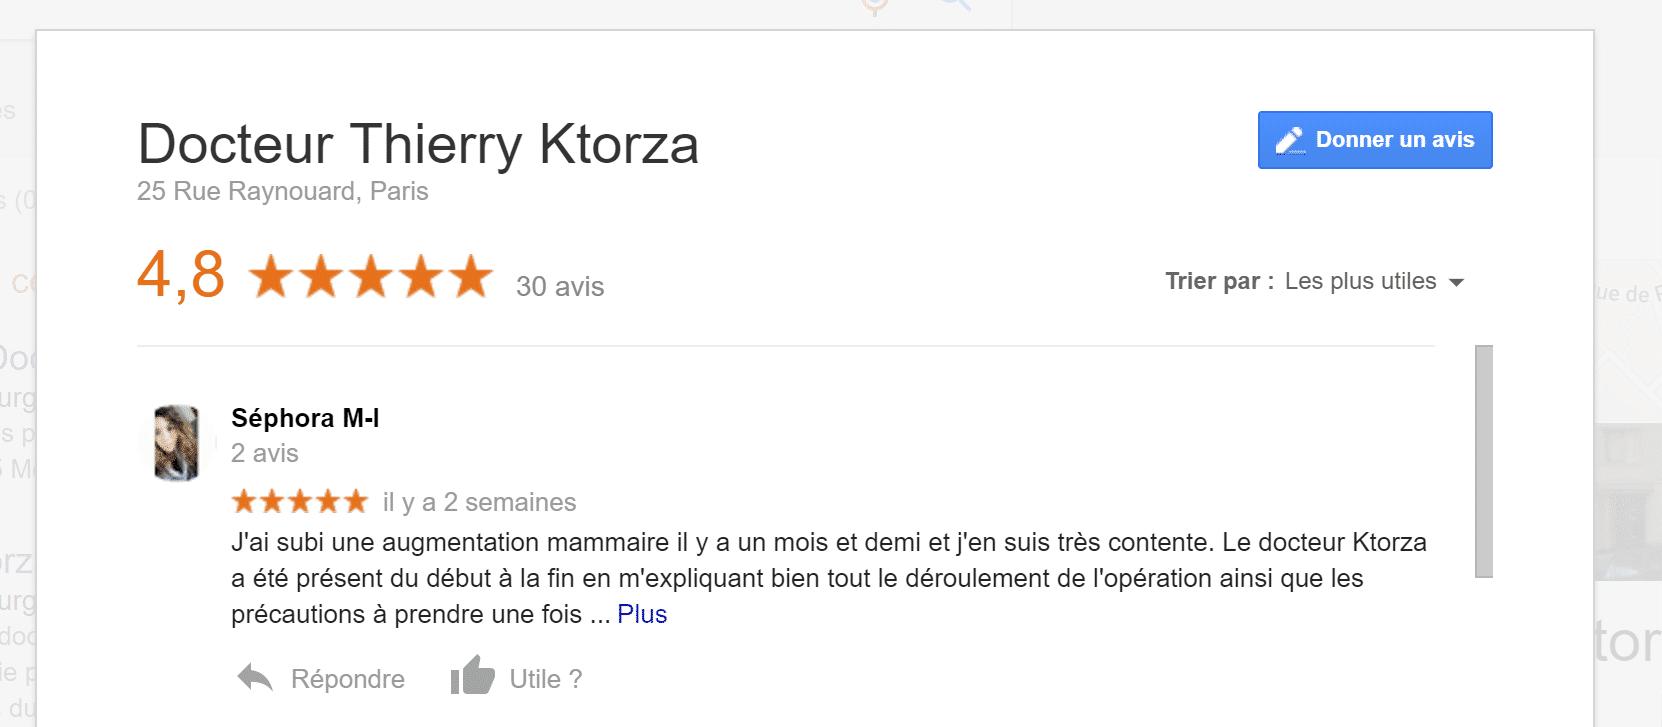 Avis sur le docteur Thierry Ktorza